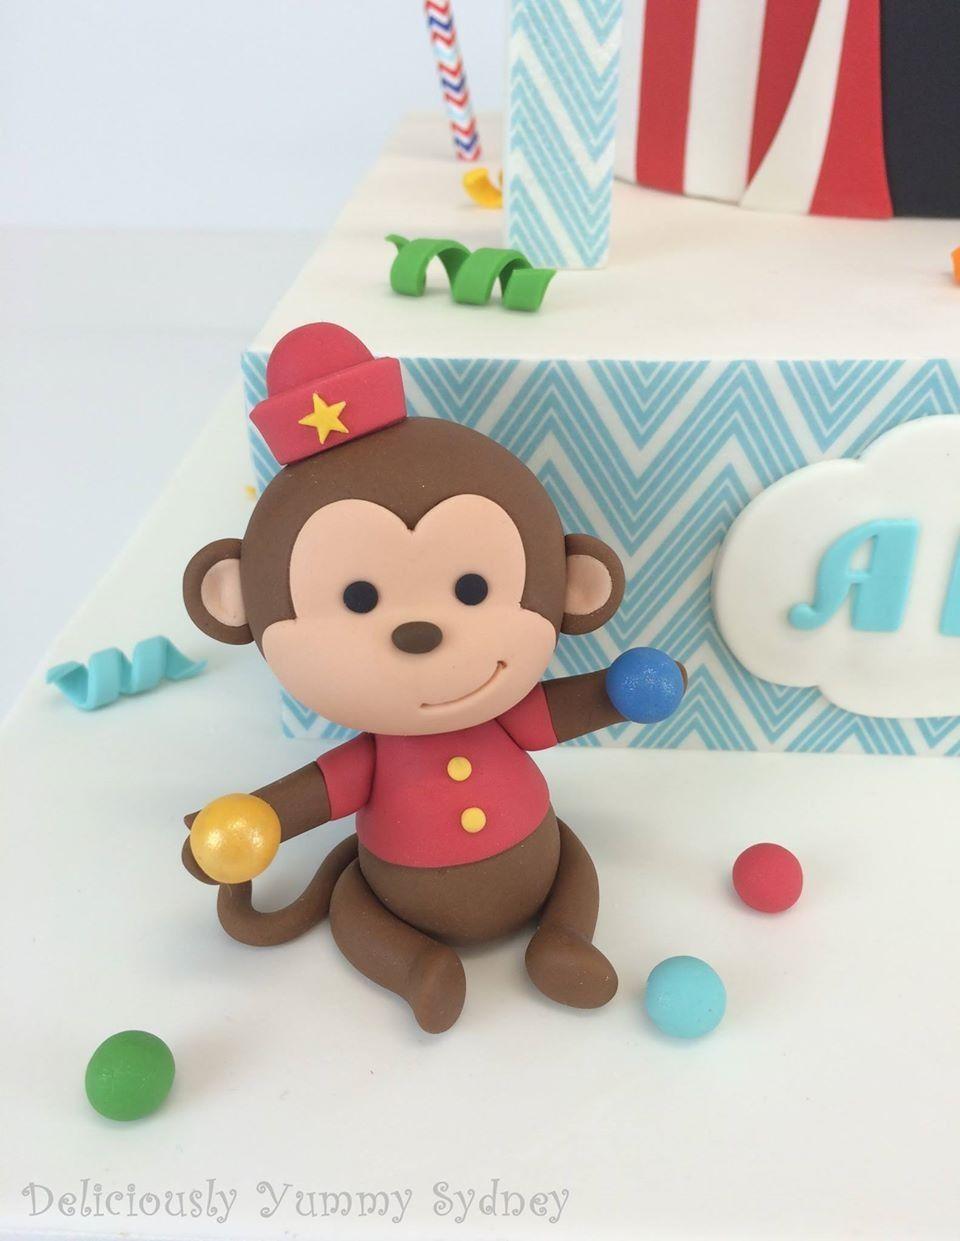 Deliciously yummy sydney australia 1st birthday cake